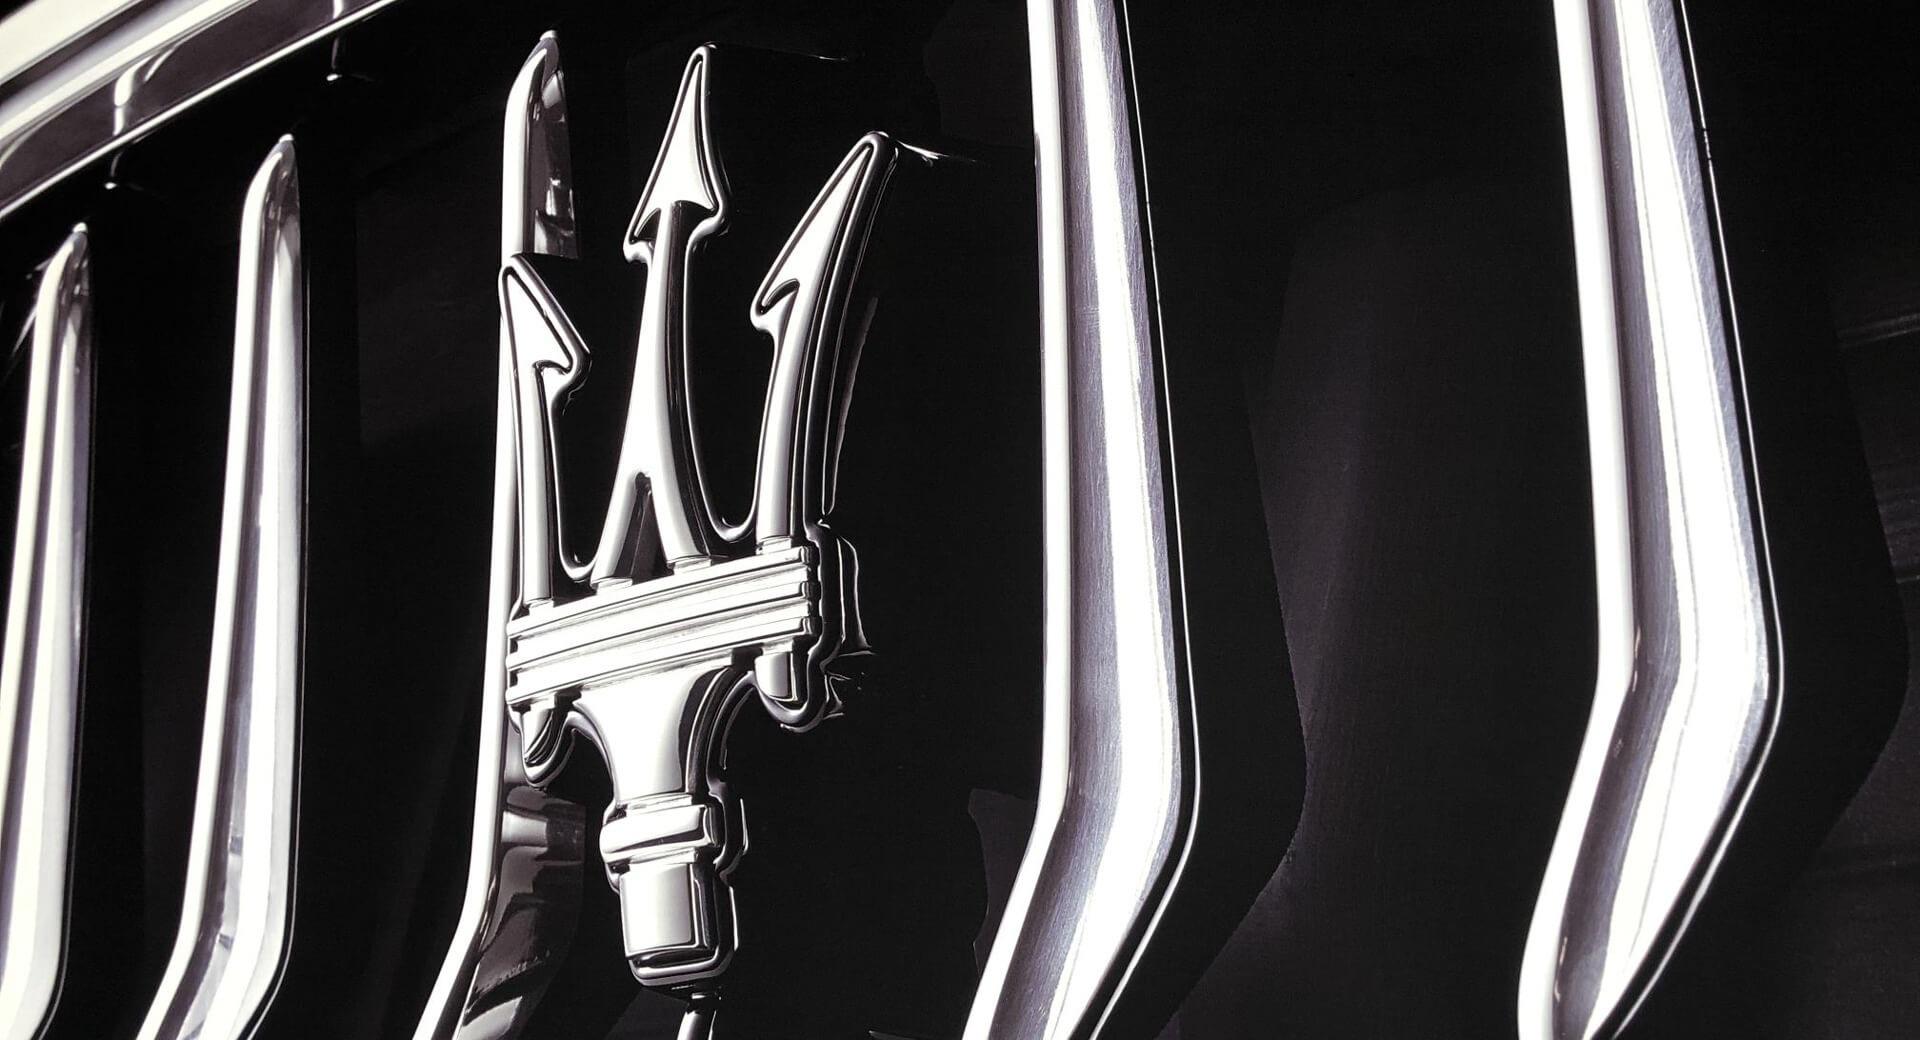 Maserati xác nhận năm sau sẽ trình làng một mẫu SUV mới